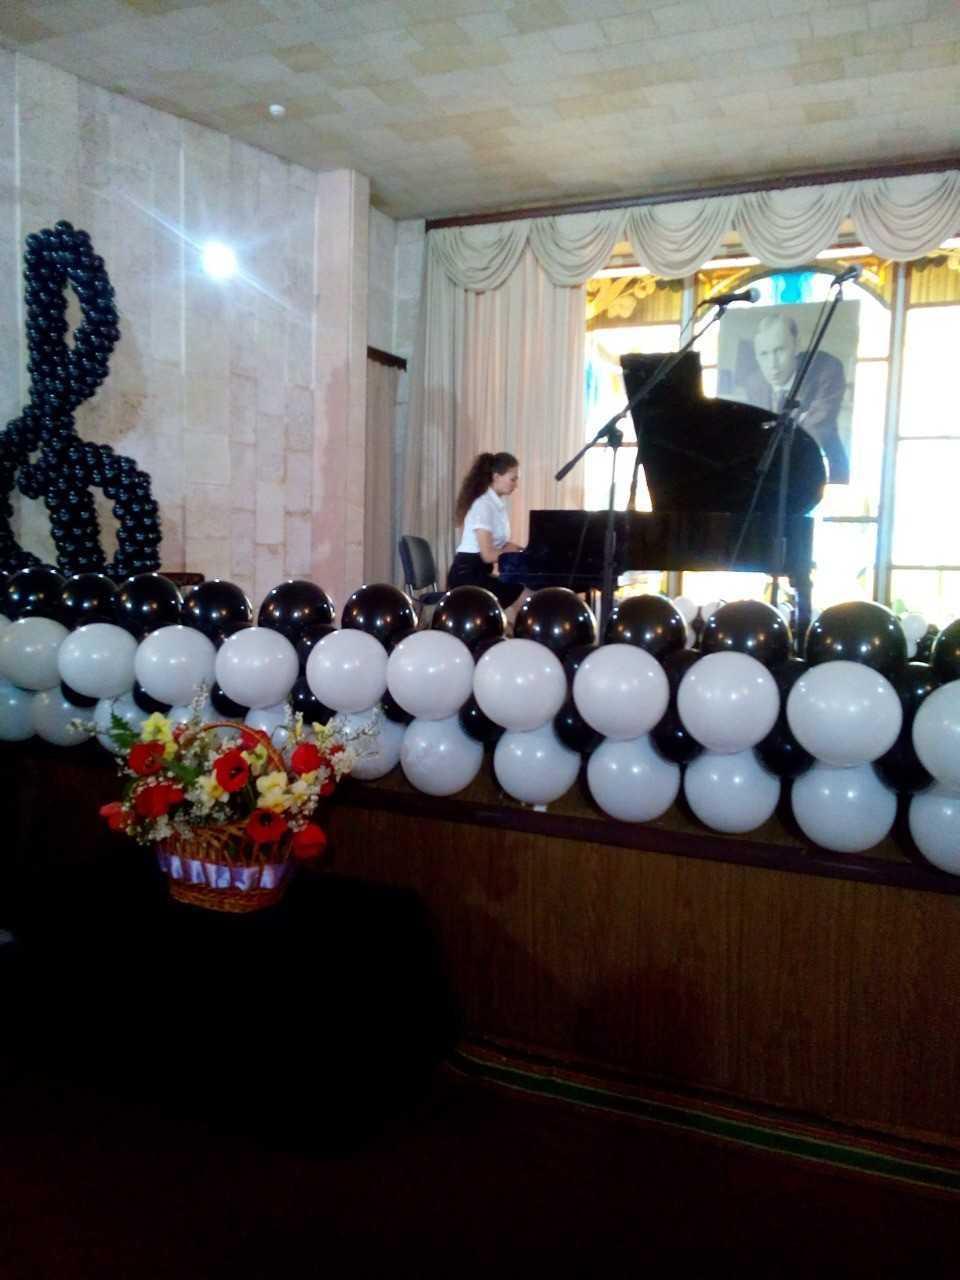 viber image 2019 04 22 10.33.14 - Гала-концерт обласного конкурсу піаністів «Прокоф'євська весна»